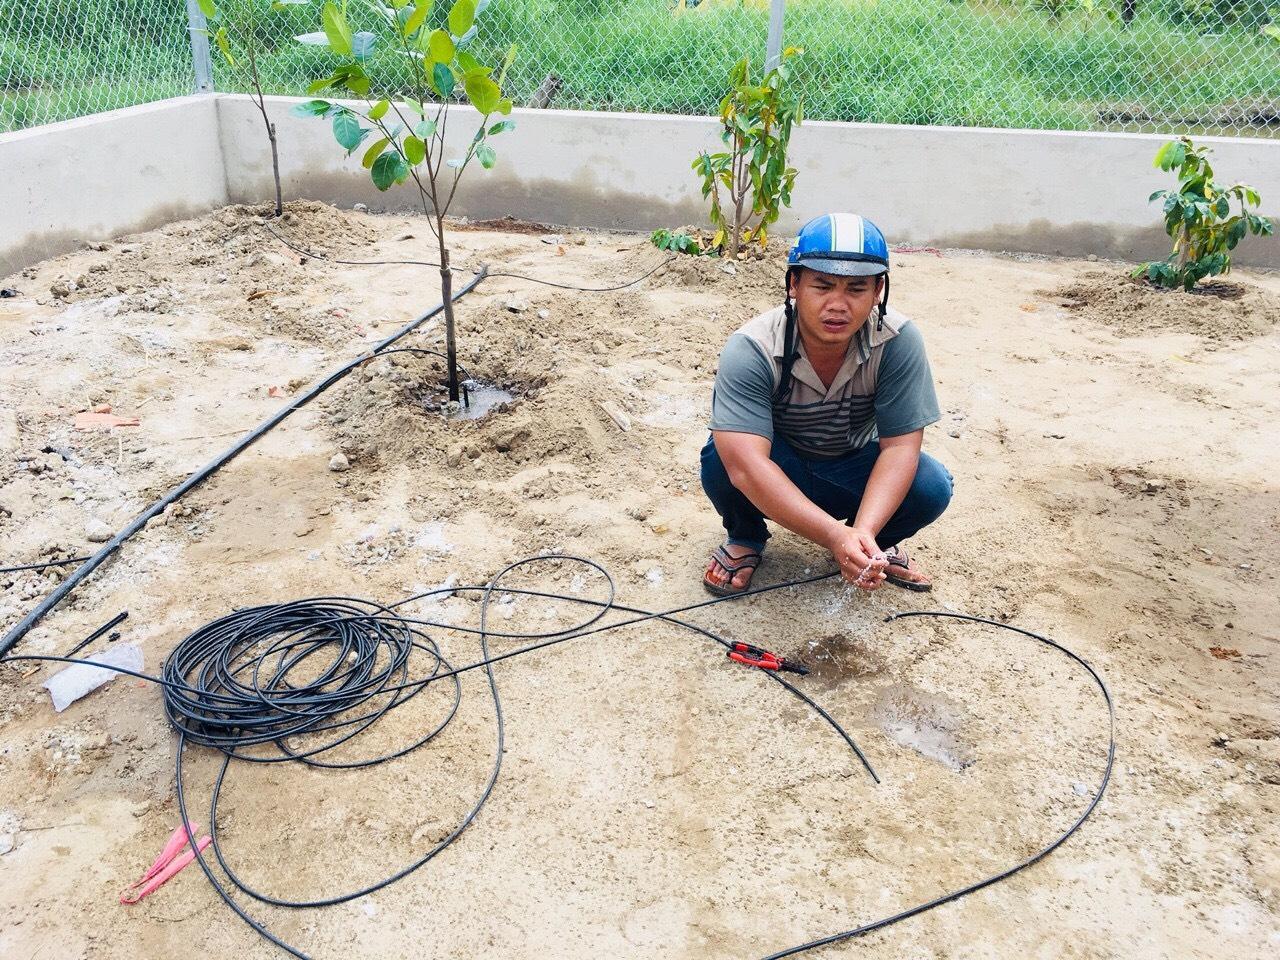 Dịch vụ lắp đặt hệ thống tưới rau trên sân thượng tự động tại tphcm